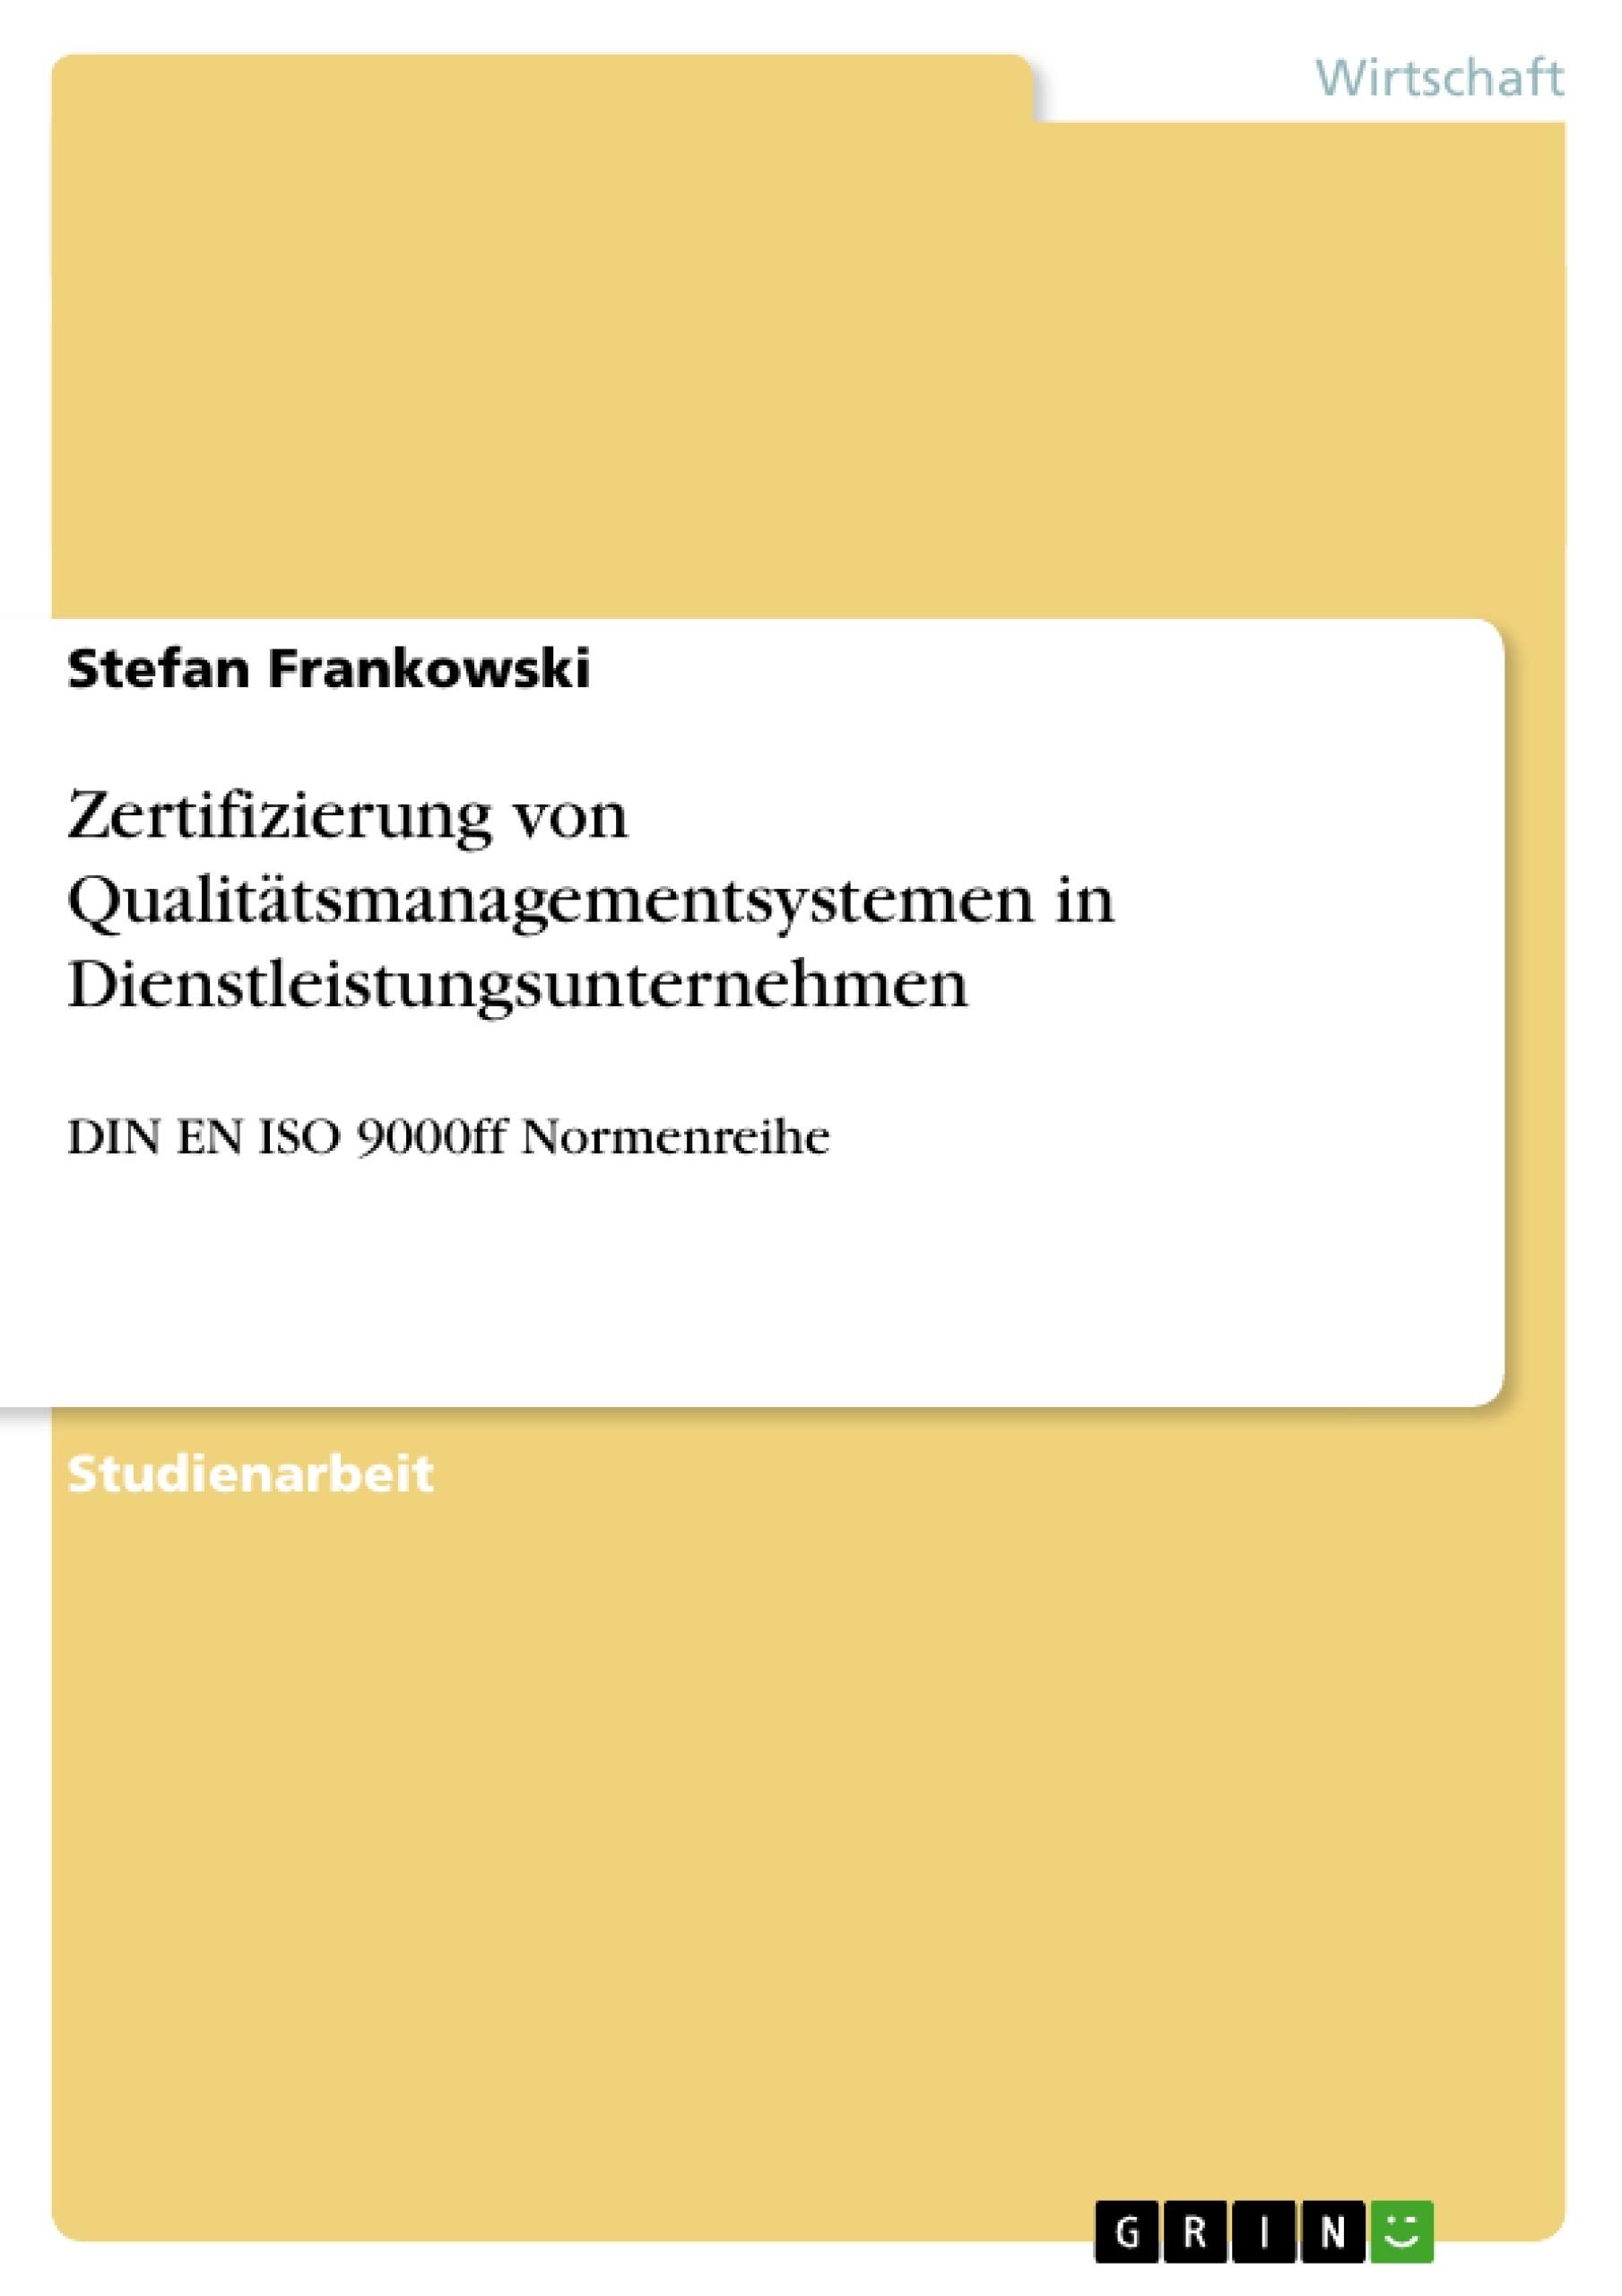 Titel: Zertifizierung von Qualitätsmanagementsystemen  in Dienstleistungsunternehmen